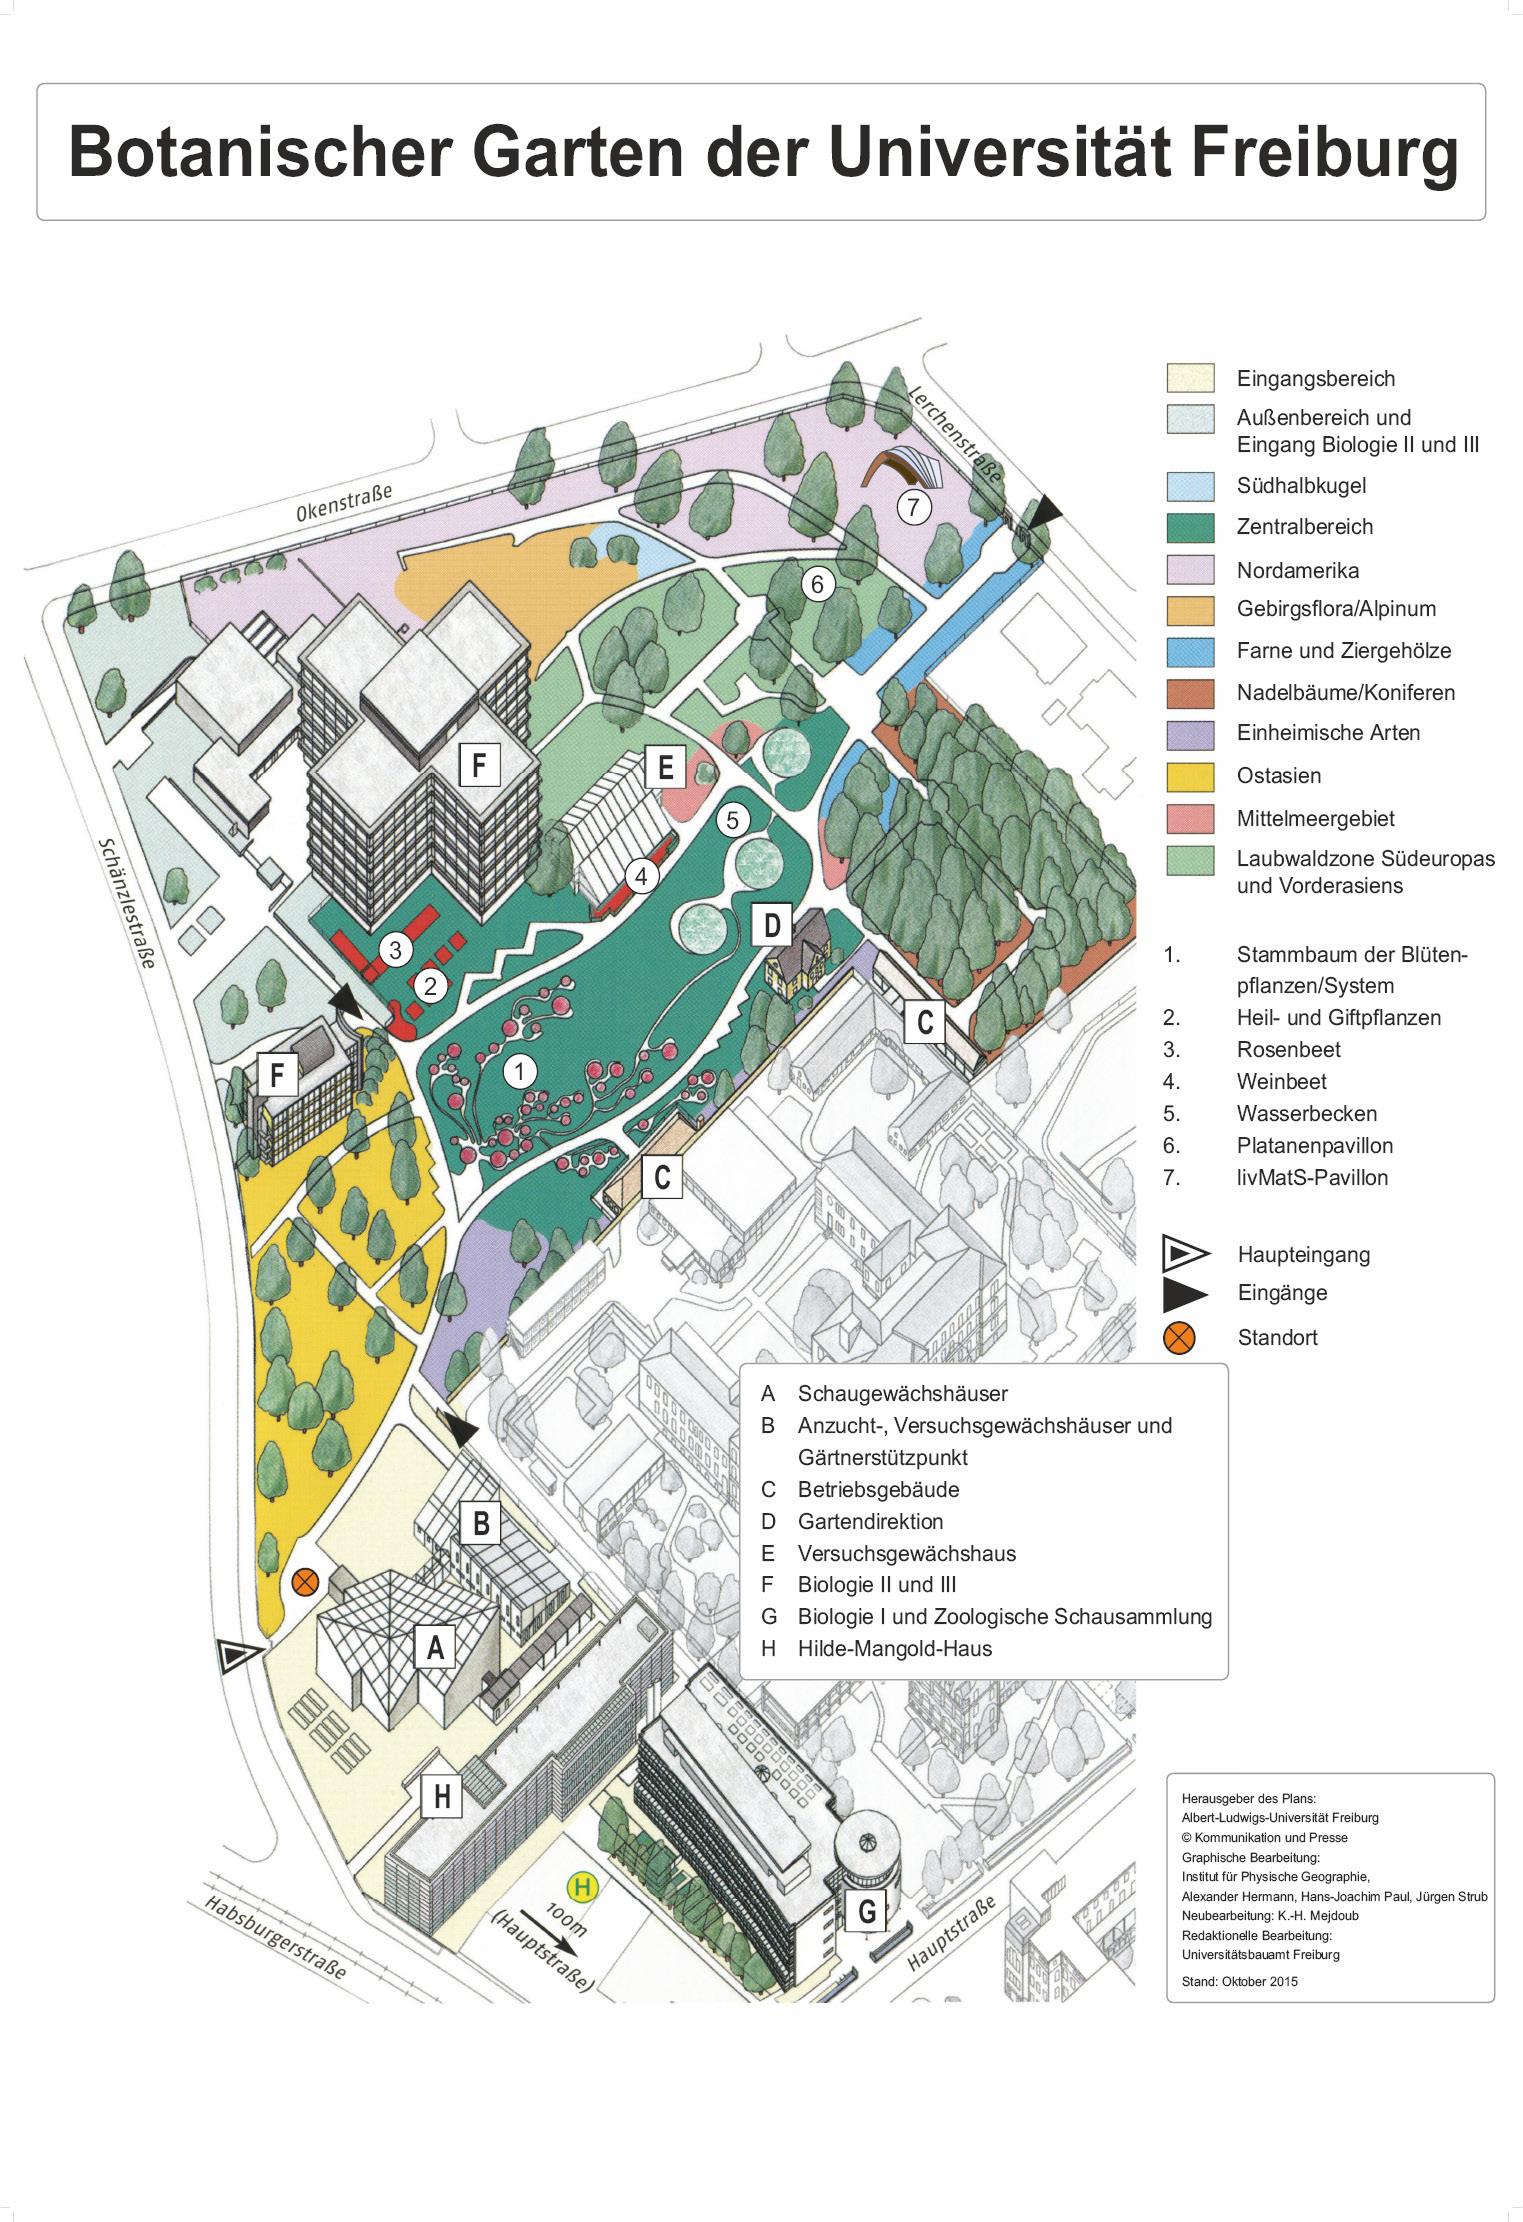 Lageplan des Botanischen Gartens Freiburg